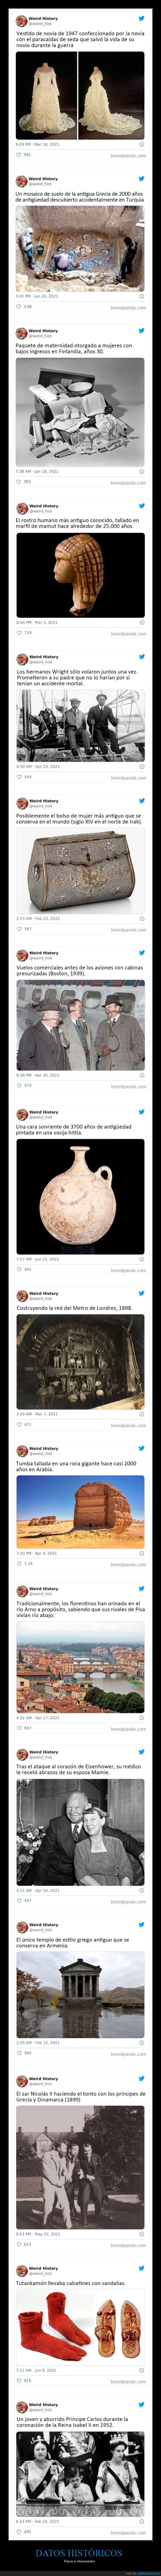 datos históricos,interesantes,raros